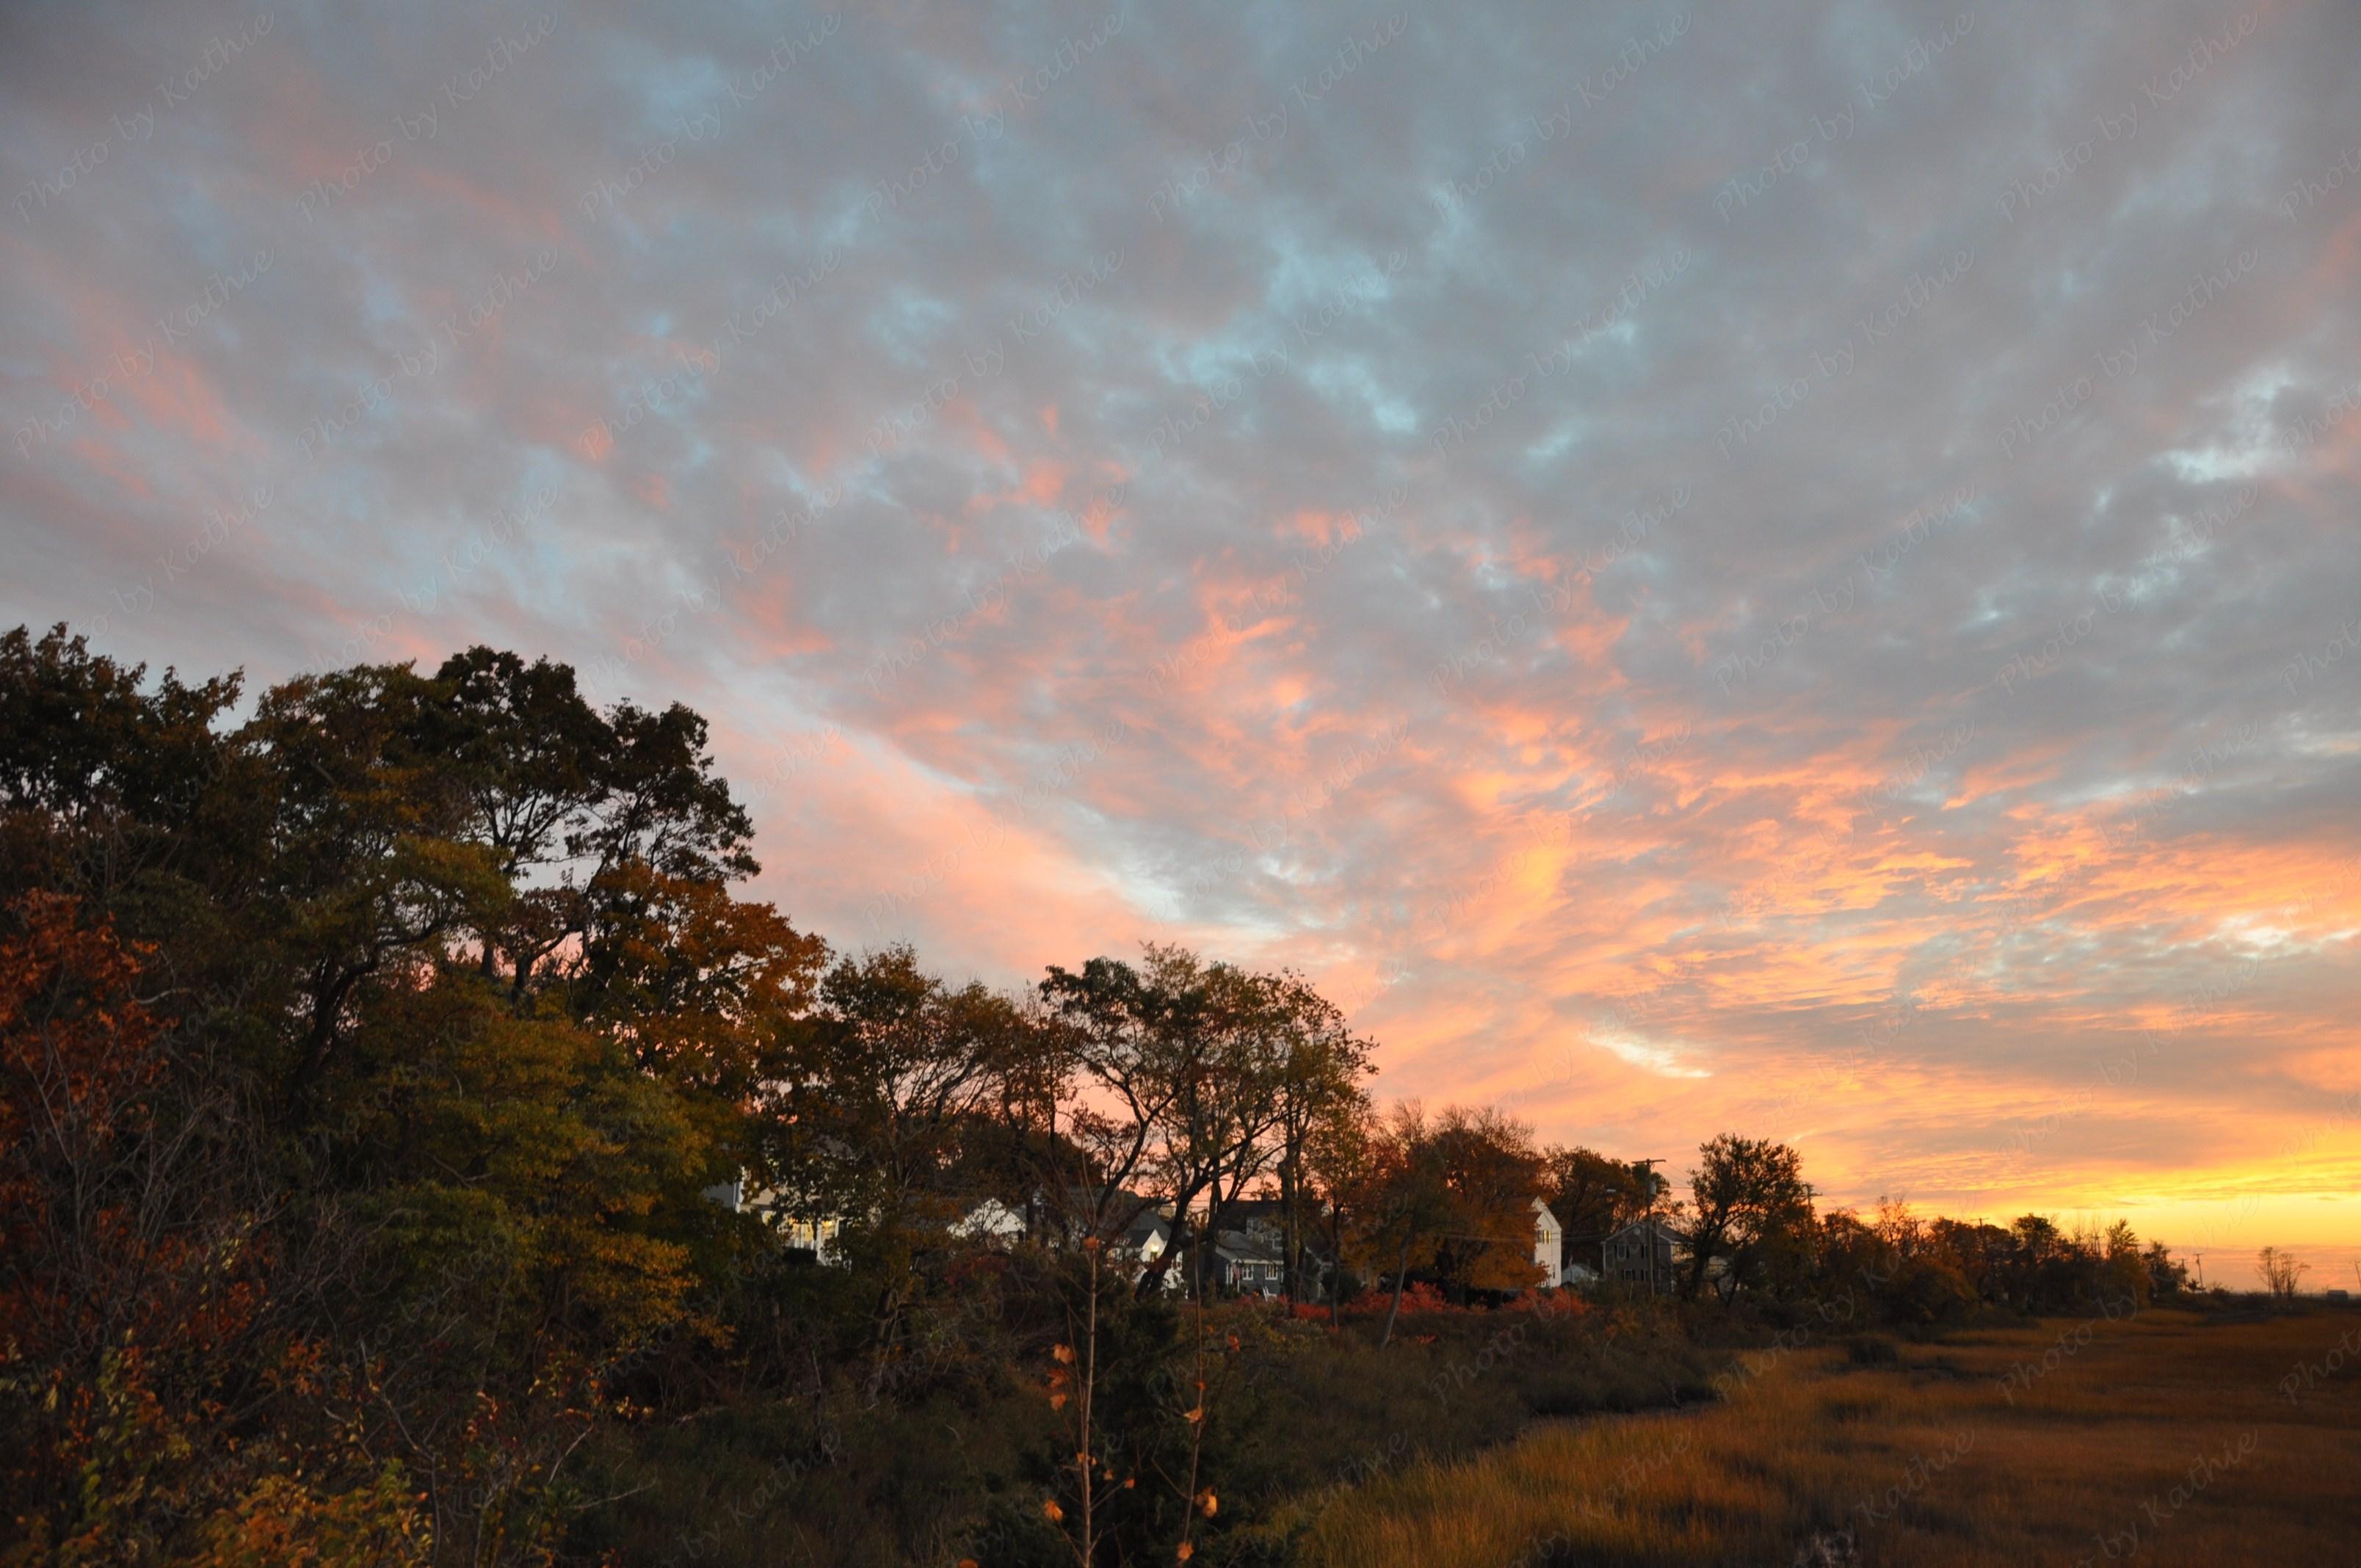 Sunset: November 1, 2013